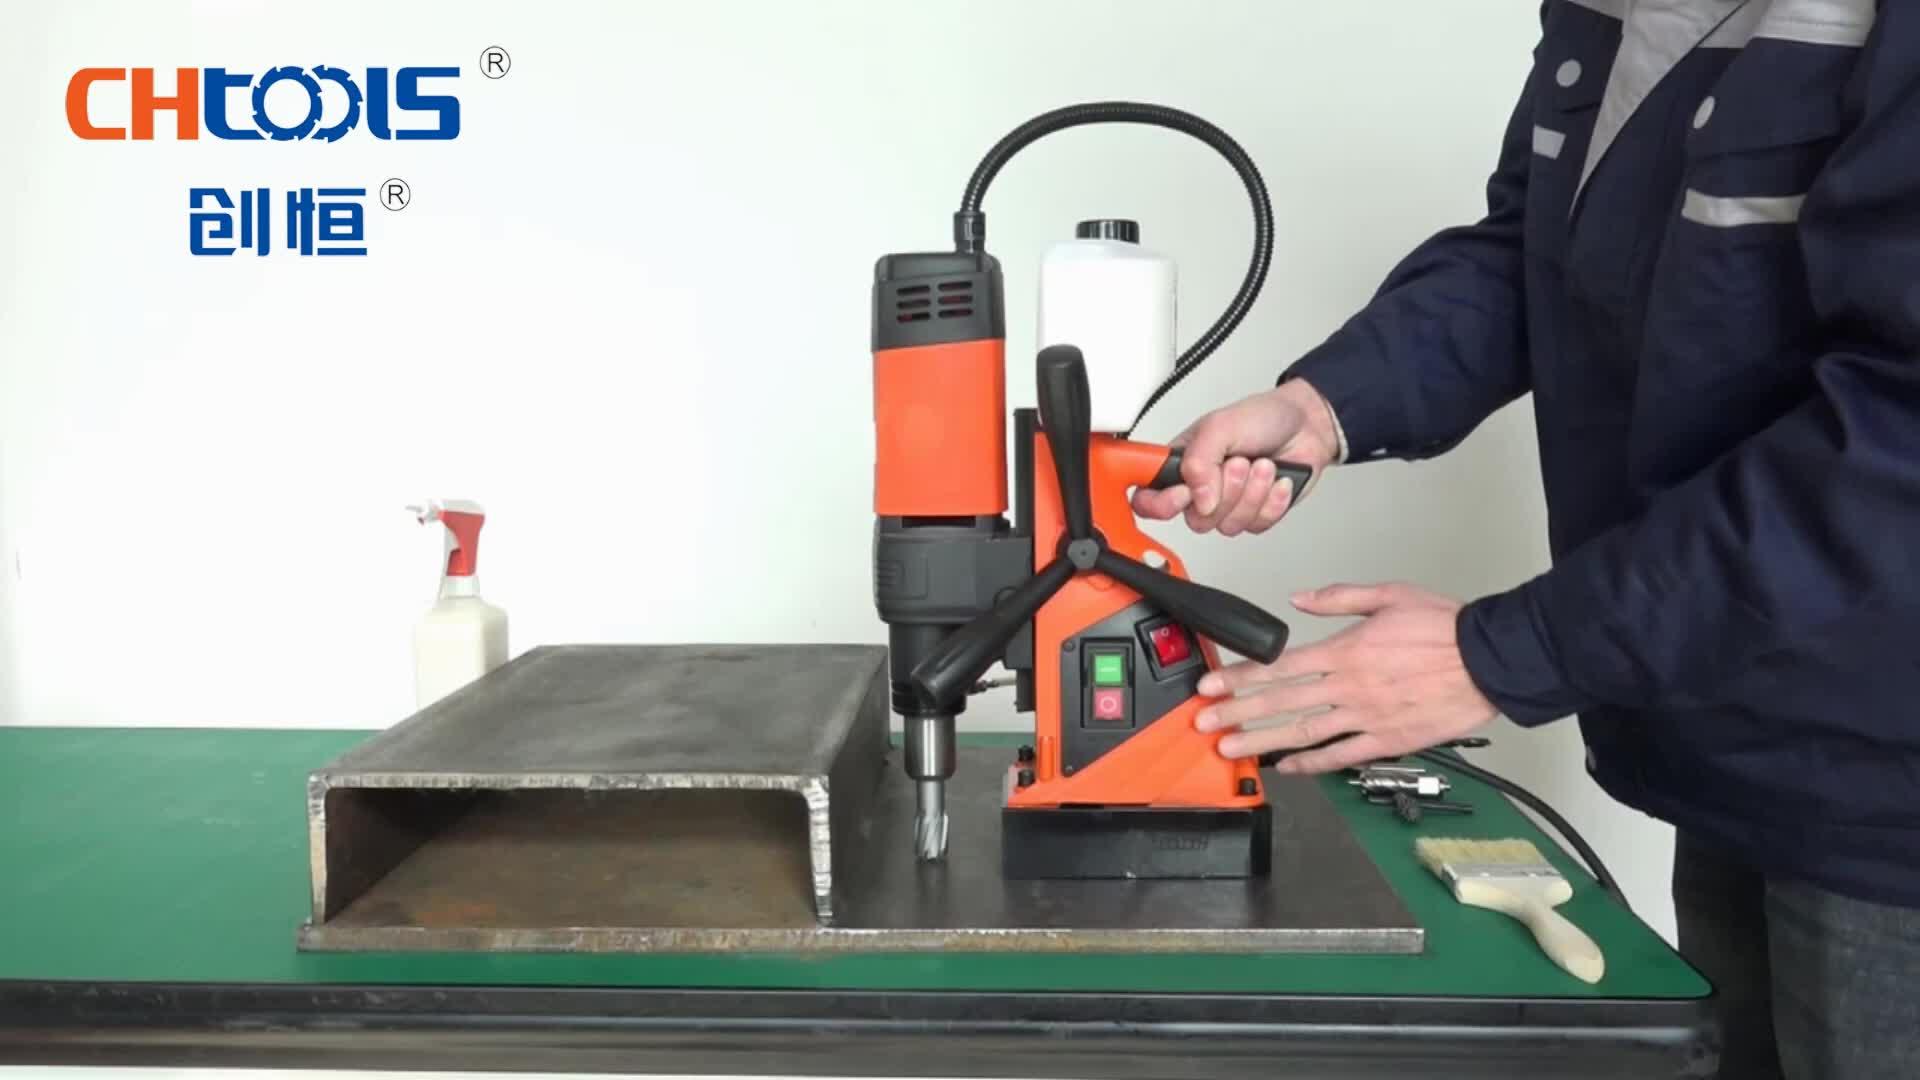 Chtools CE Chứng Nhận Hình Khuyên Cutter Magnetic Khoan Dx35